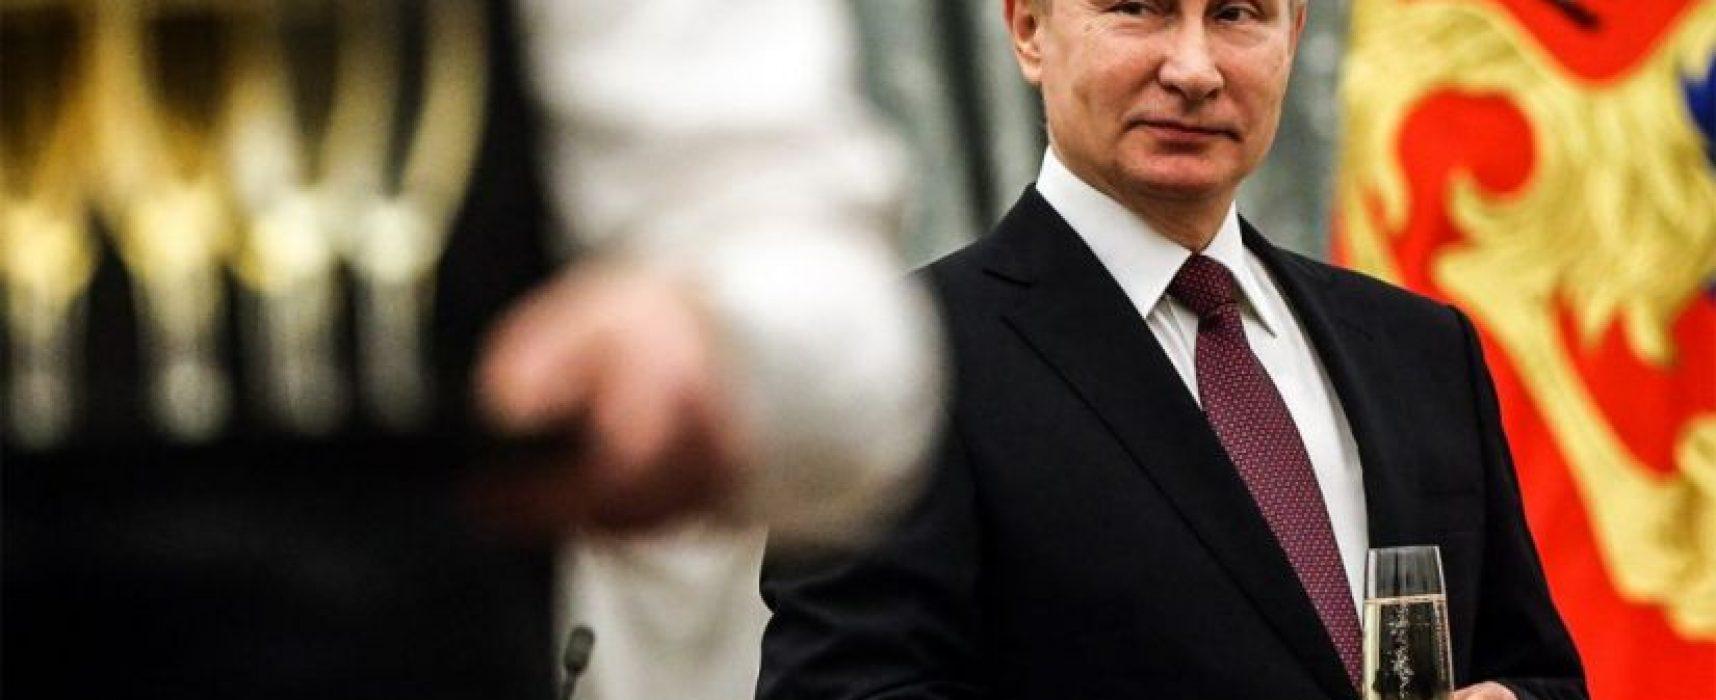 Édition spéciale Crimée: 4 ans d'annexion